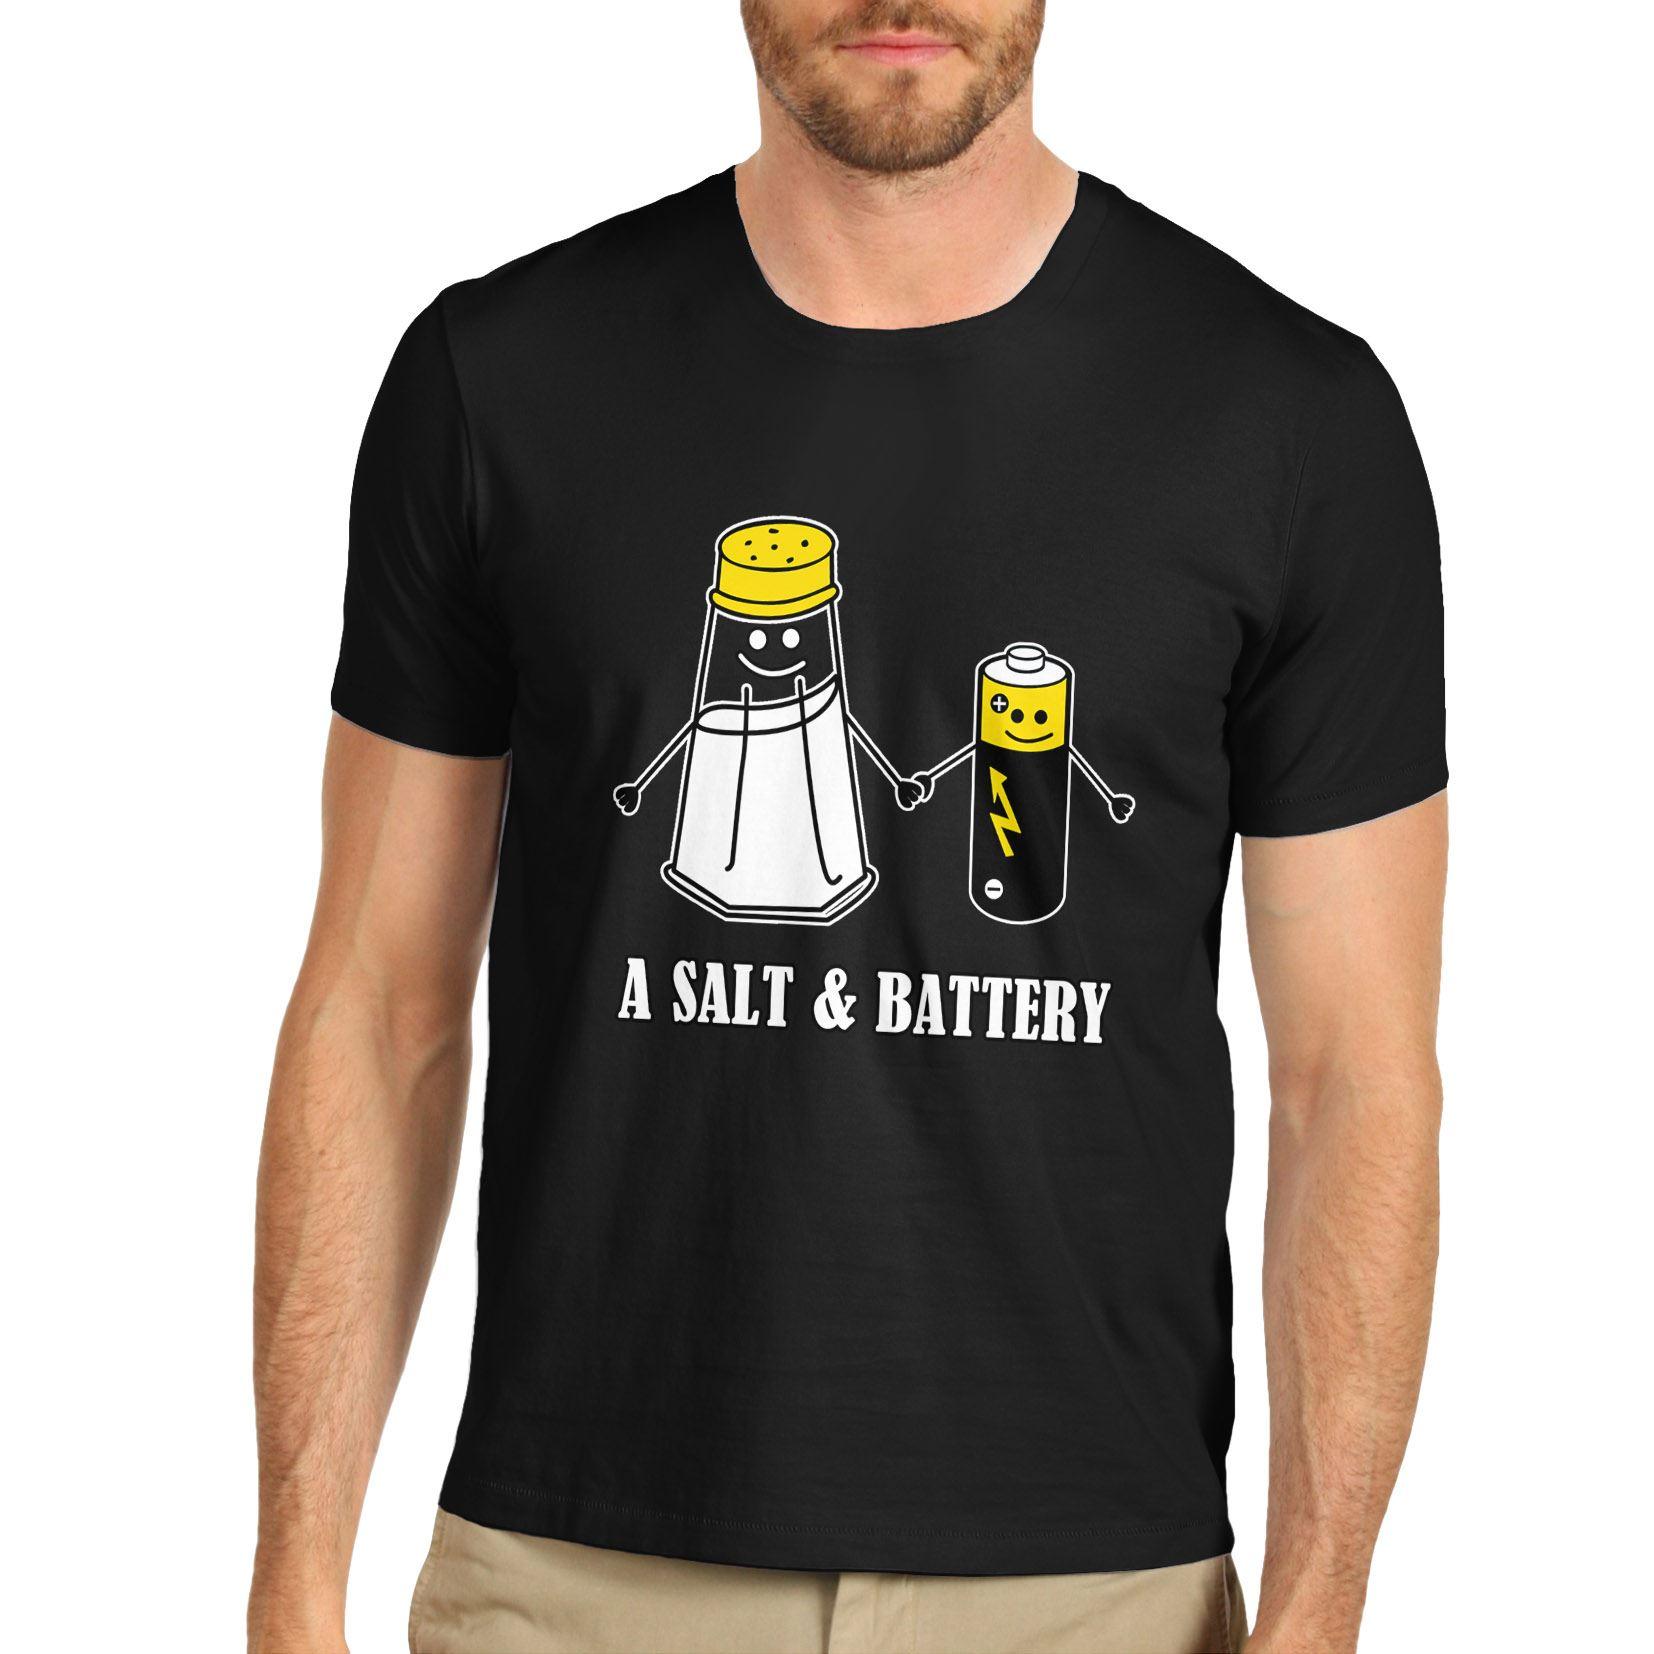 Détails sur Twisted Envy homme un sel et Batterie drôle Pun T Shirt afficher le titre d'origine